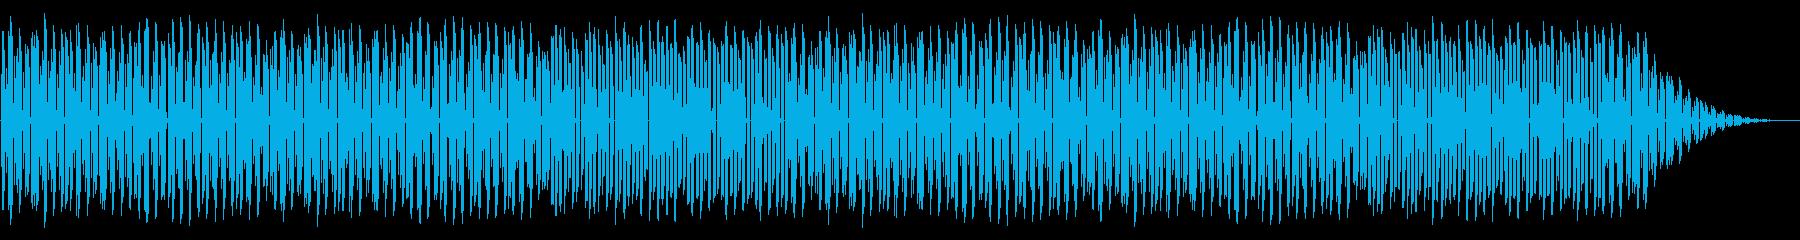 NES 和風 A01-1(タイトル) の再生済みの波形